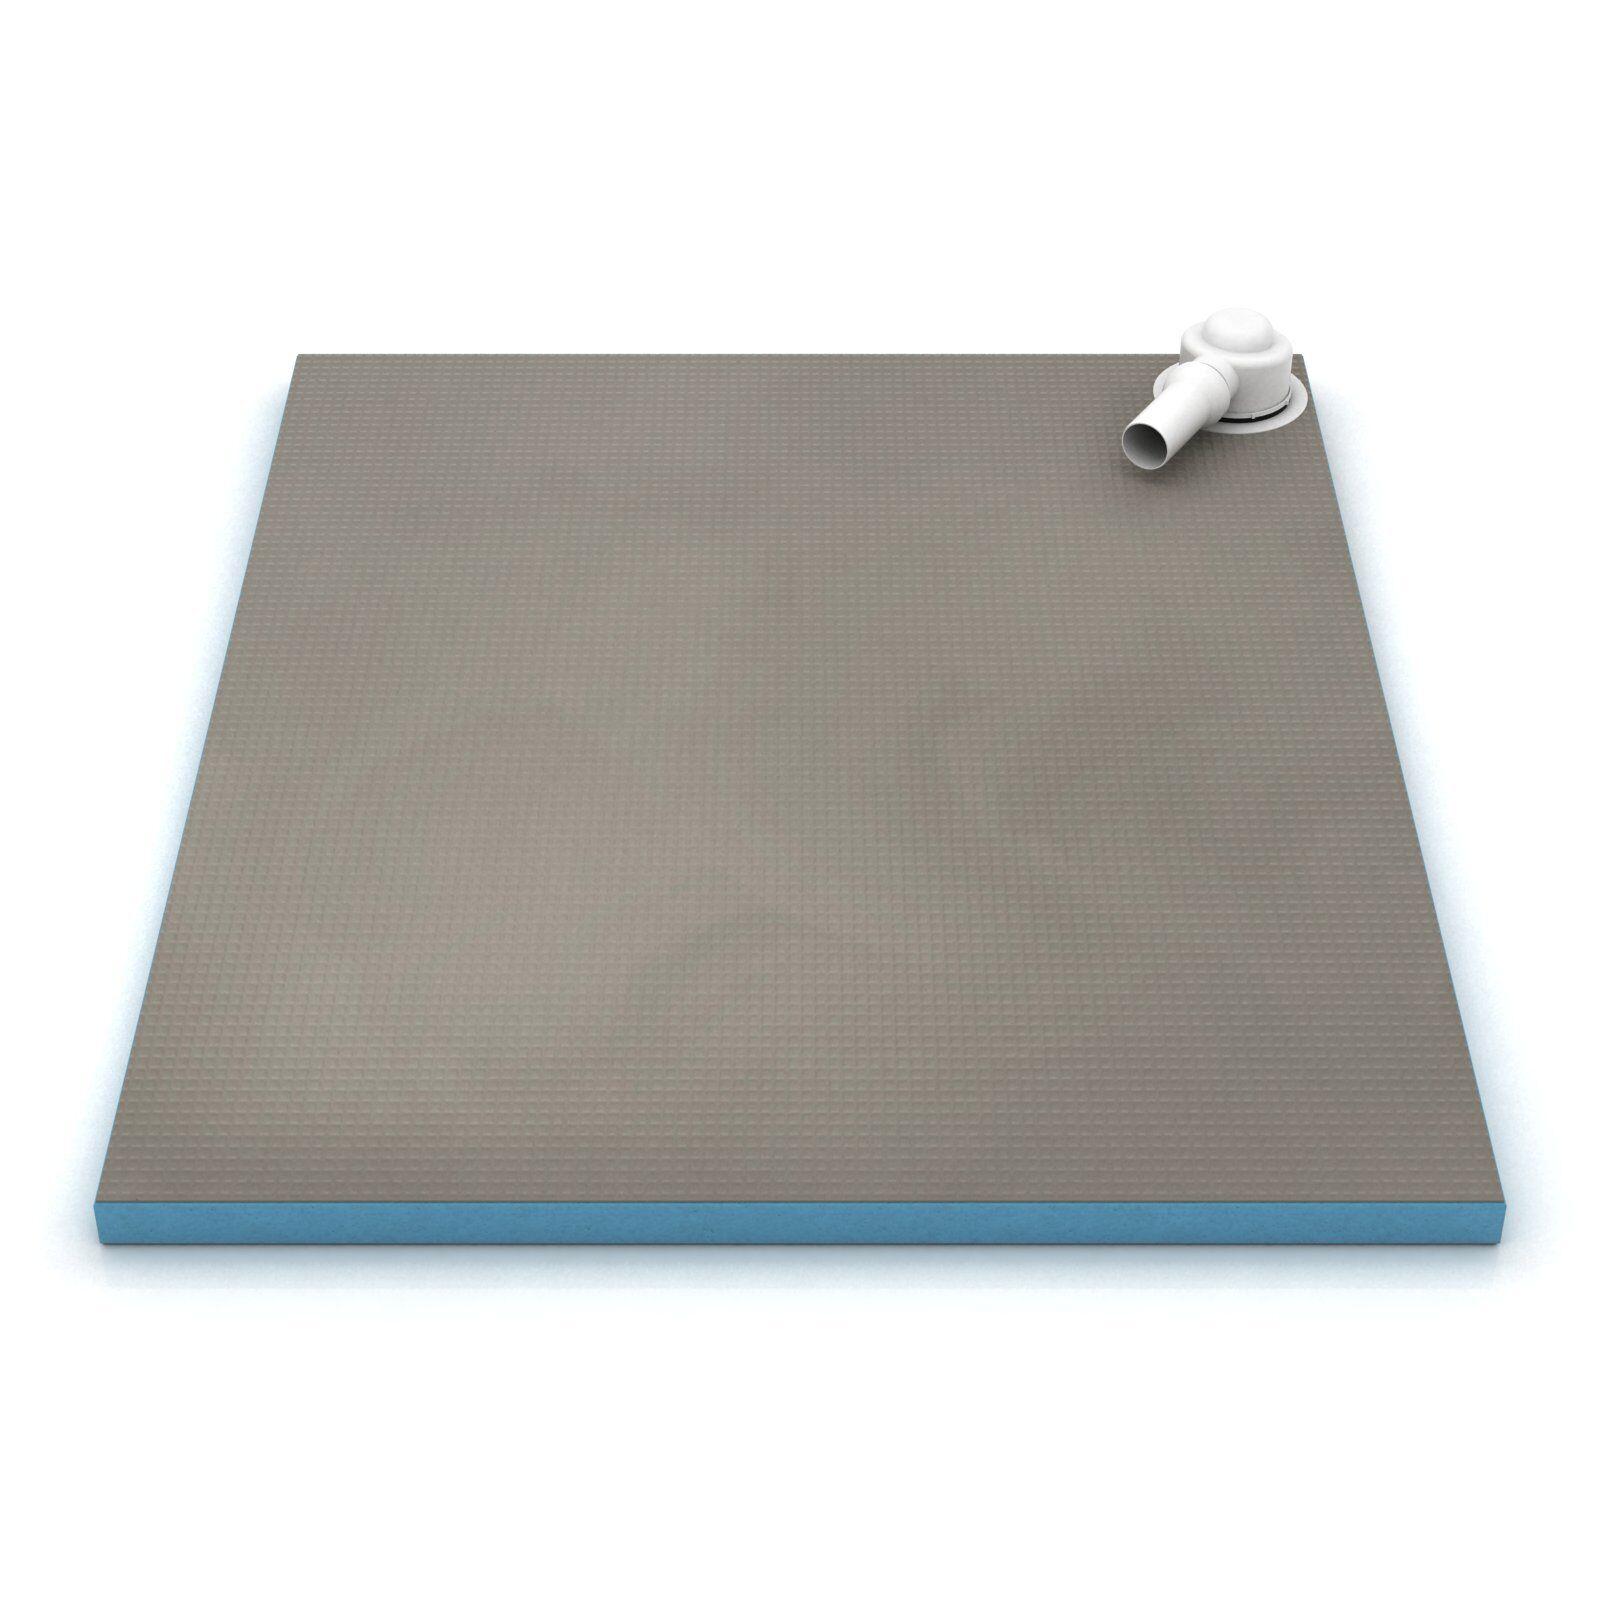 duschelement profi mit eckablauf befliesbar bodeneben duschboard duschtasse eur 132 83. Black Bedroom Furniture Sets. Home Design Ideas